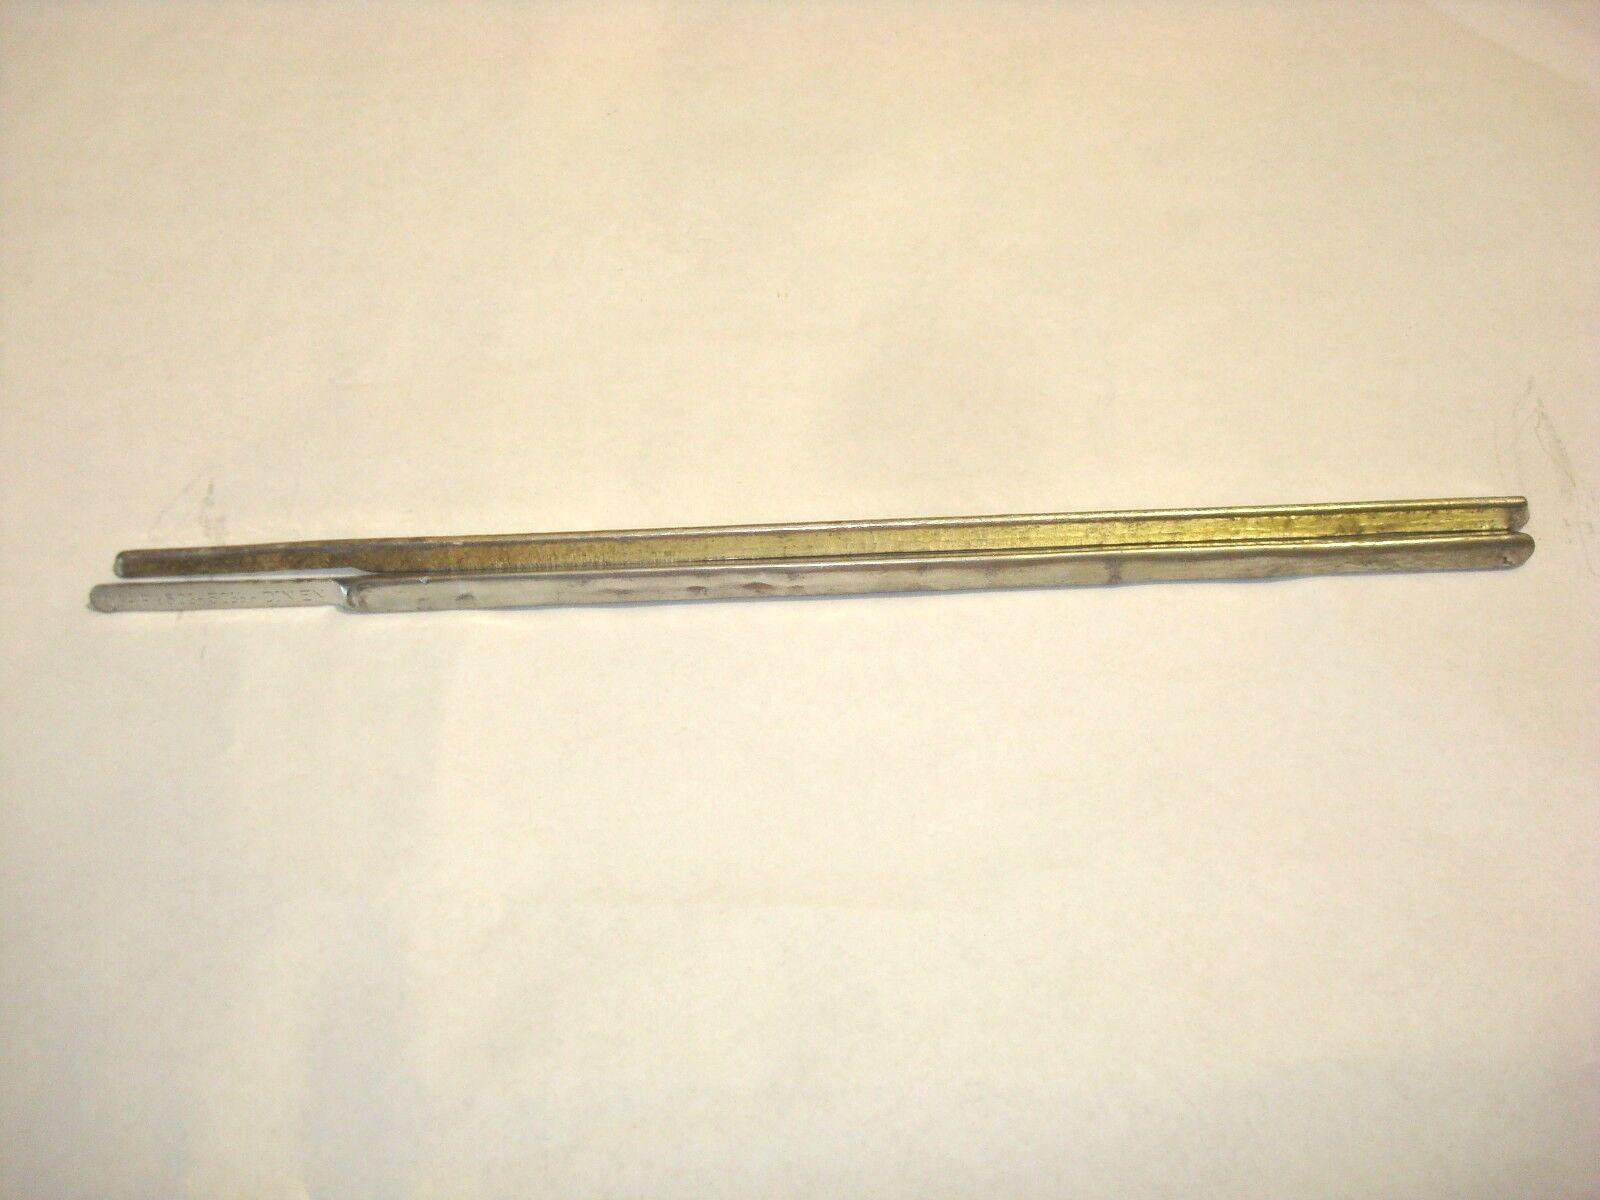 450gr.NEW SOLDER.50//50 Lead bar solder stick-copper roofing,sheet metal,auto bod